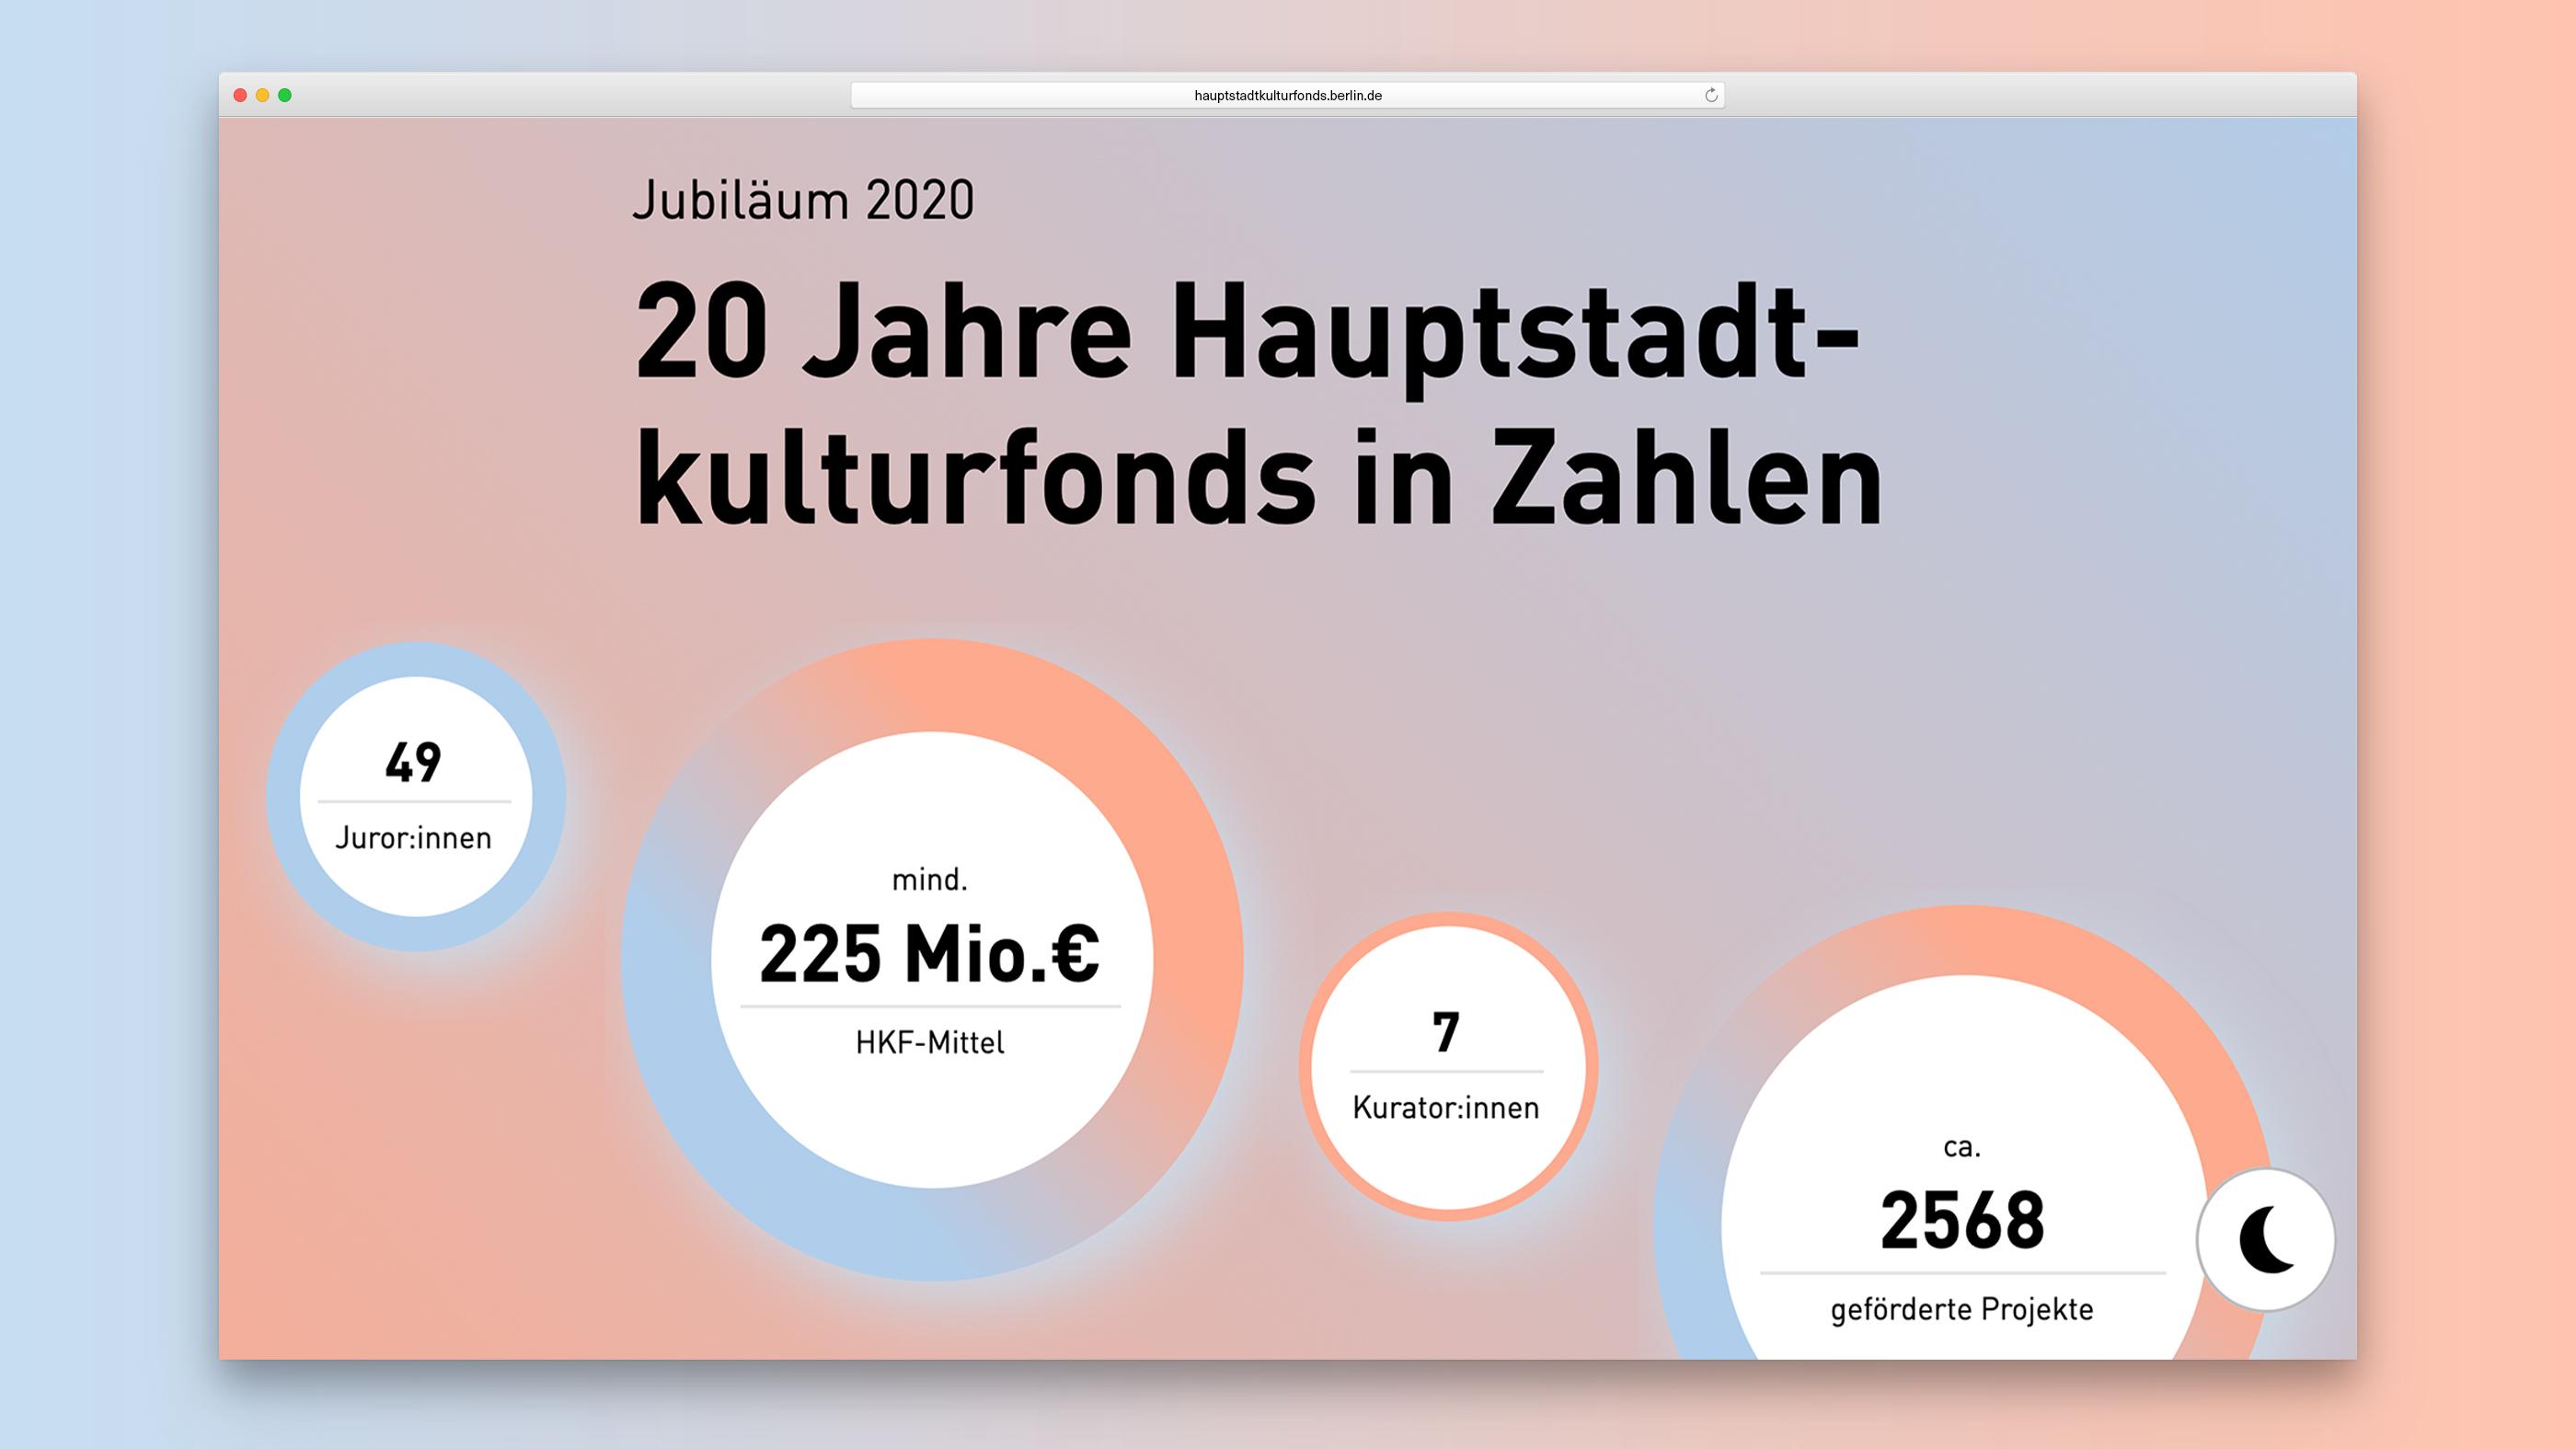 Jubiläumsseite mit Zahlen und Fakten auf einem Hintergrund mit Farbverlauf